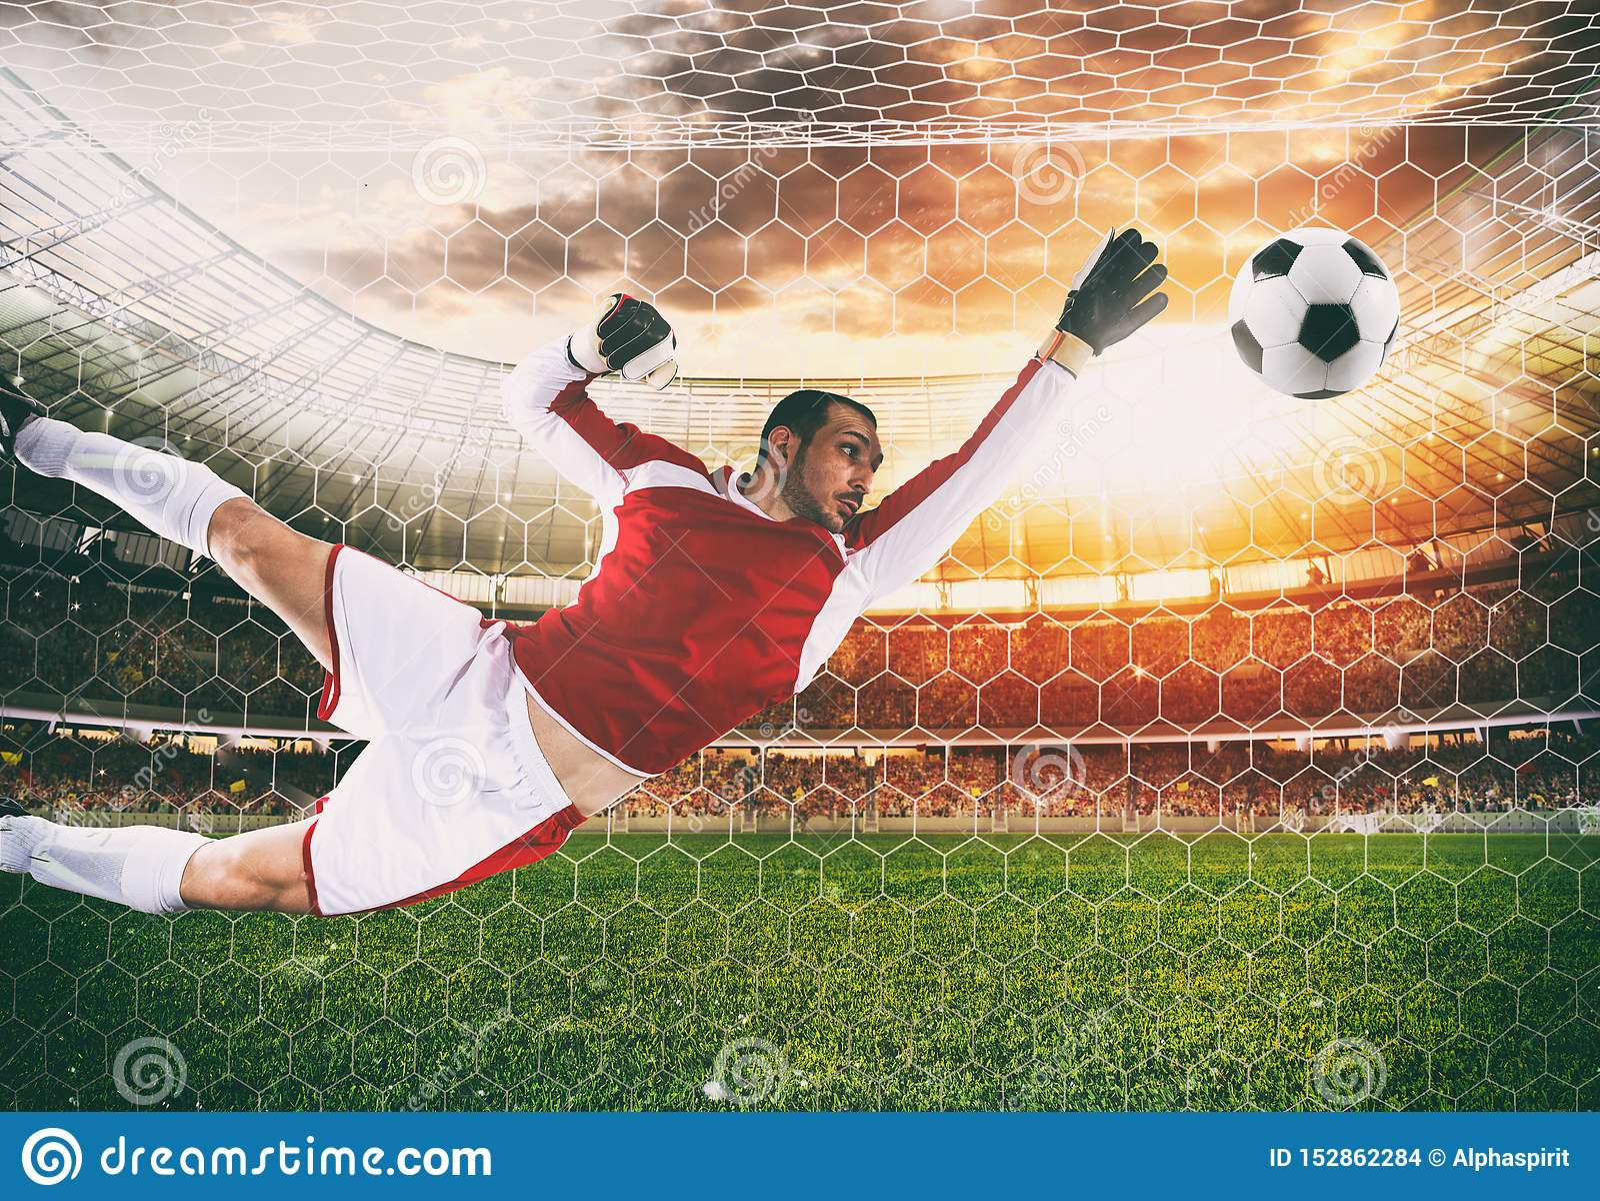 Голкипер улавливает шарик в стадионе во время футбольного матча